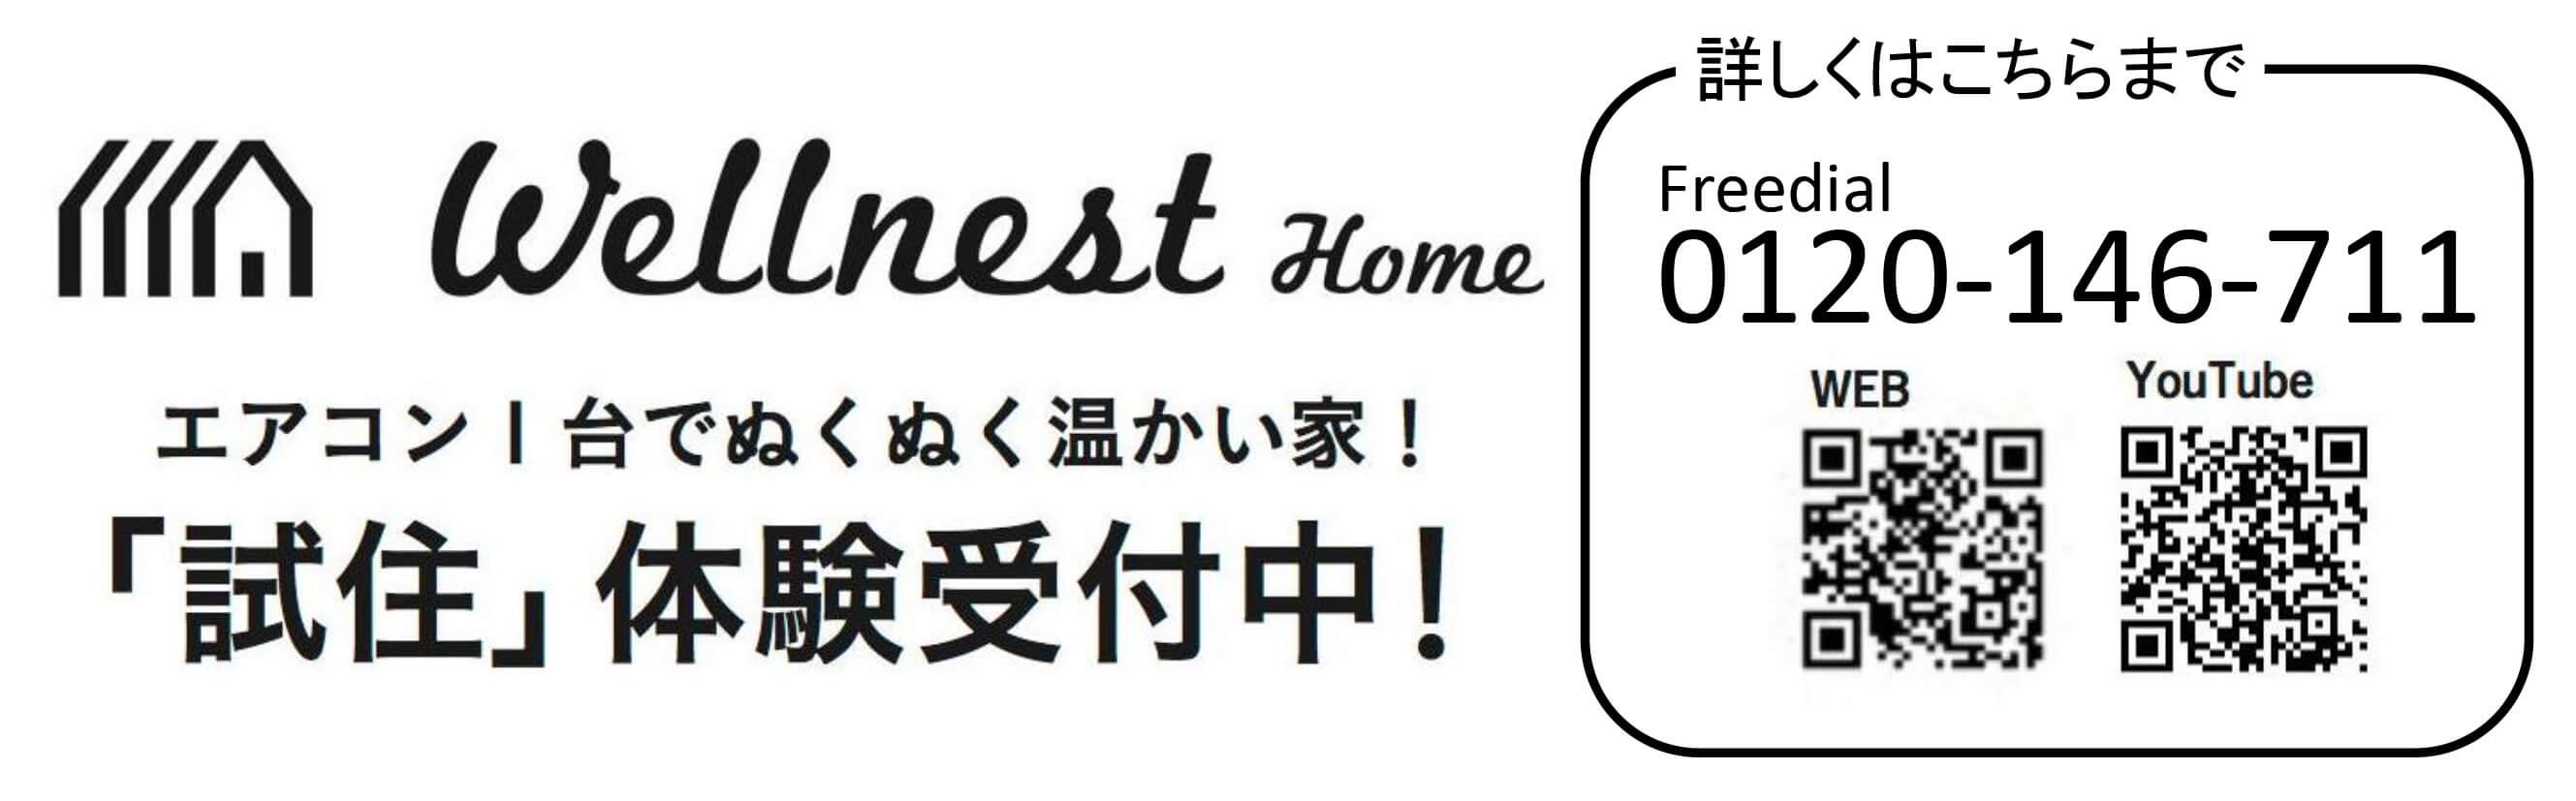 サンステップ賛同企業_香川県高松丸亀で夏涼しく冬暖かいマイホームを建てるならウェルネストホーム試住体験中